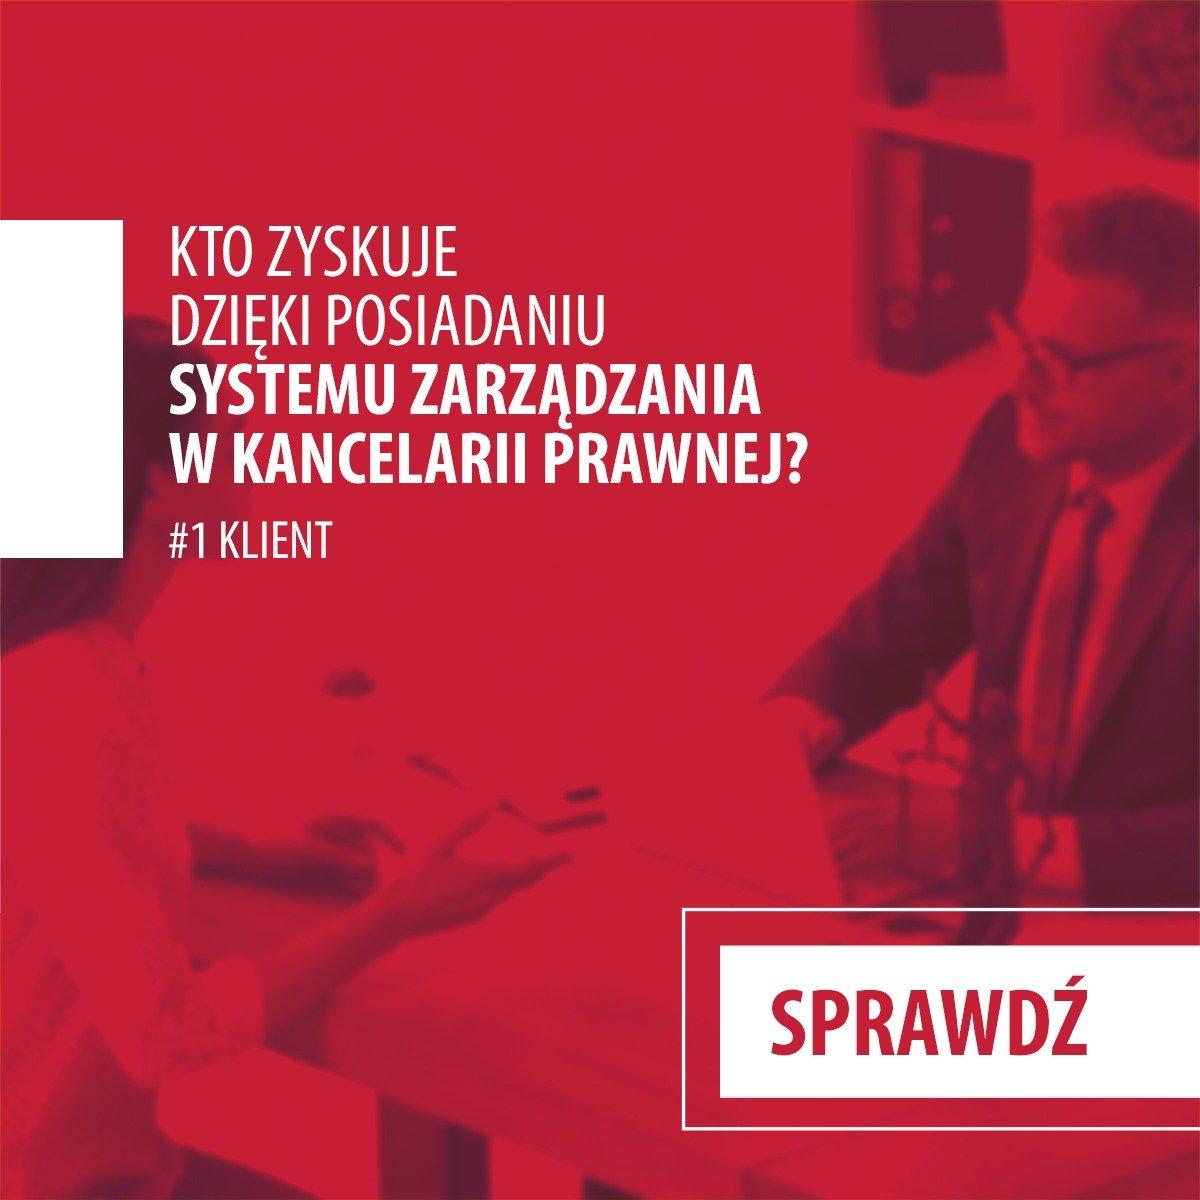 Korzyści dla klienta ze współpracy z kancelarią posiadającą system zarządzania?